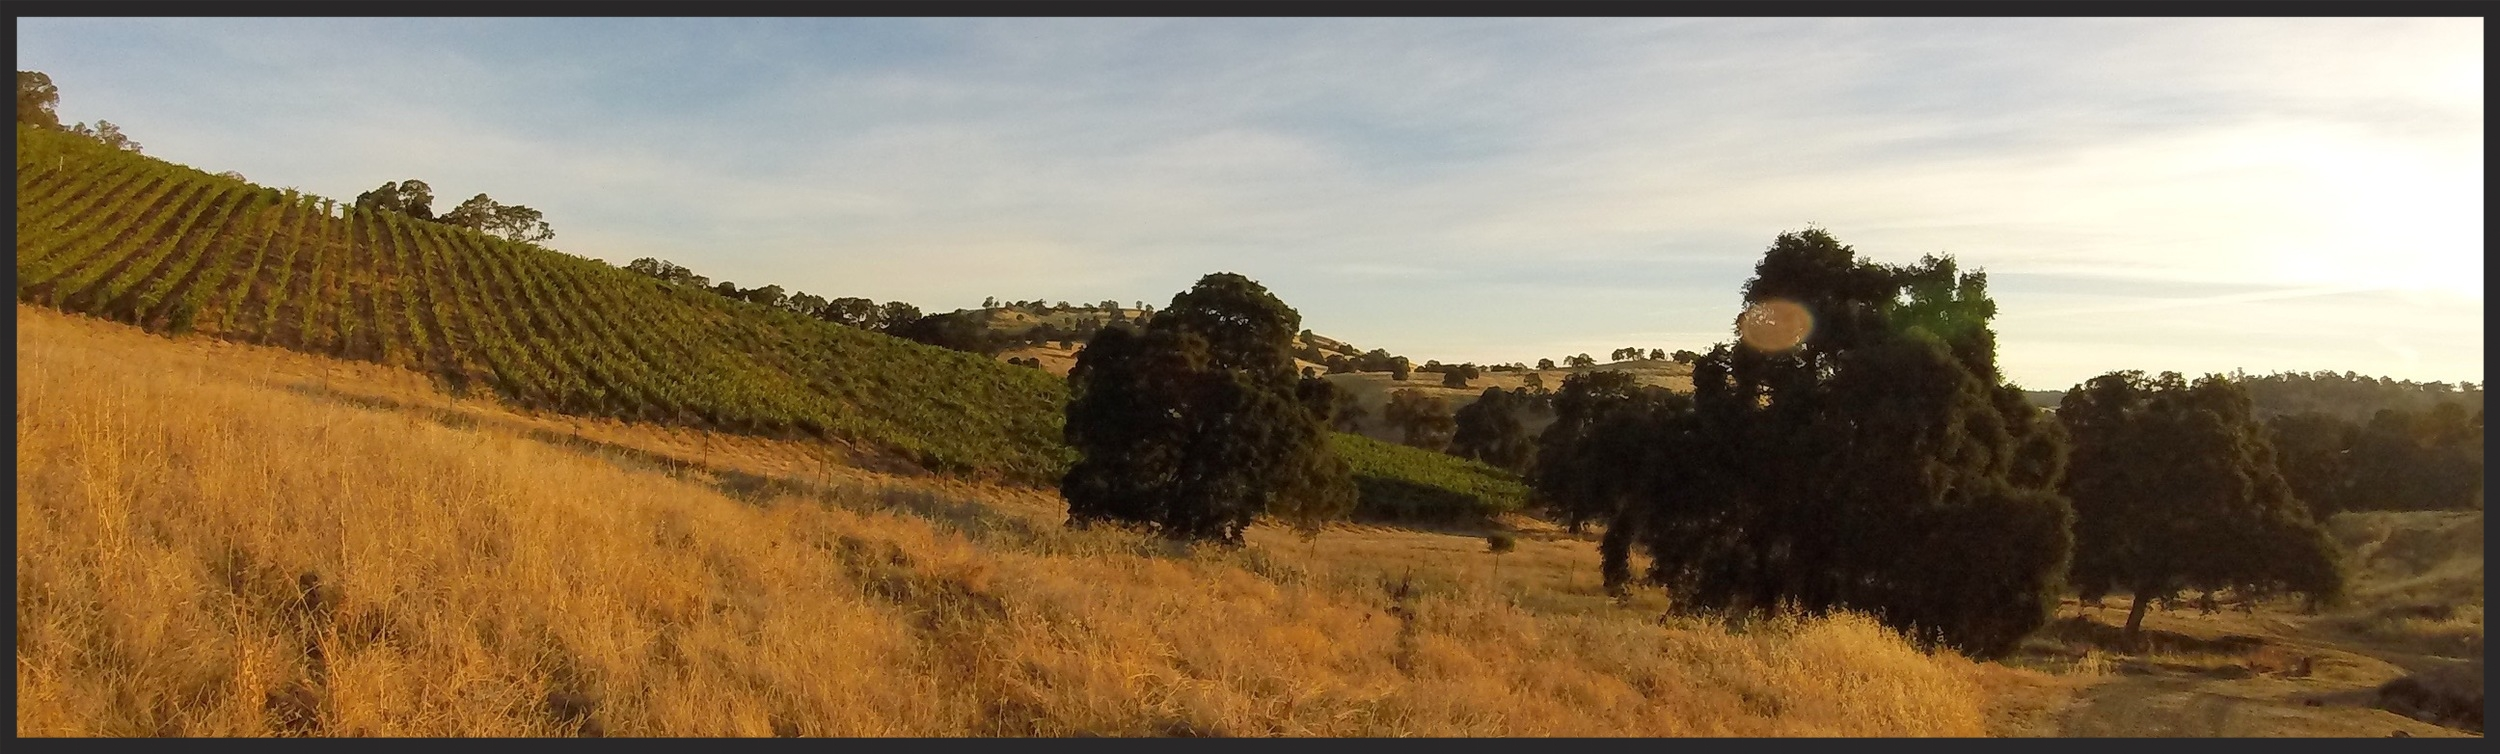 Gold Creek Vineyard at harvest. Photo by Jeffrey Maltzman